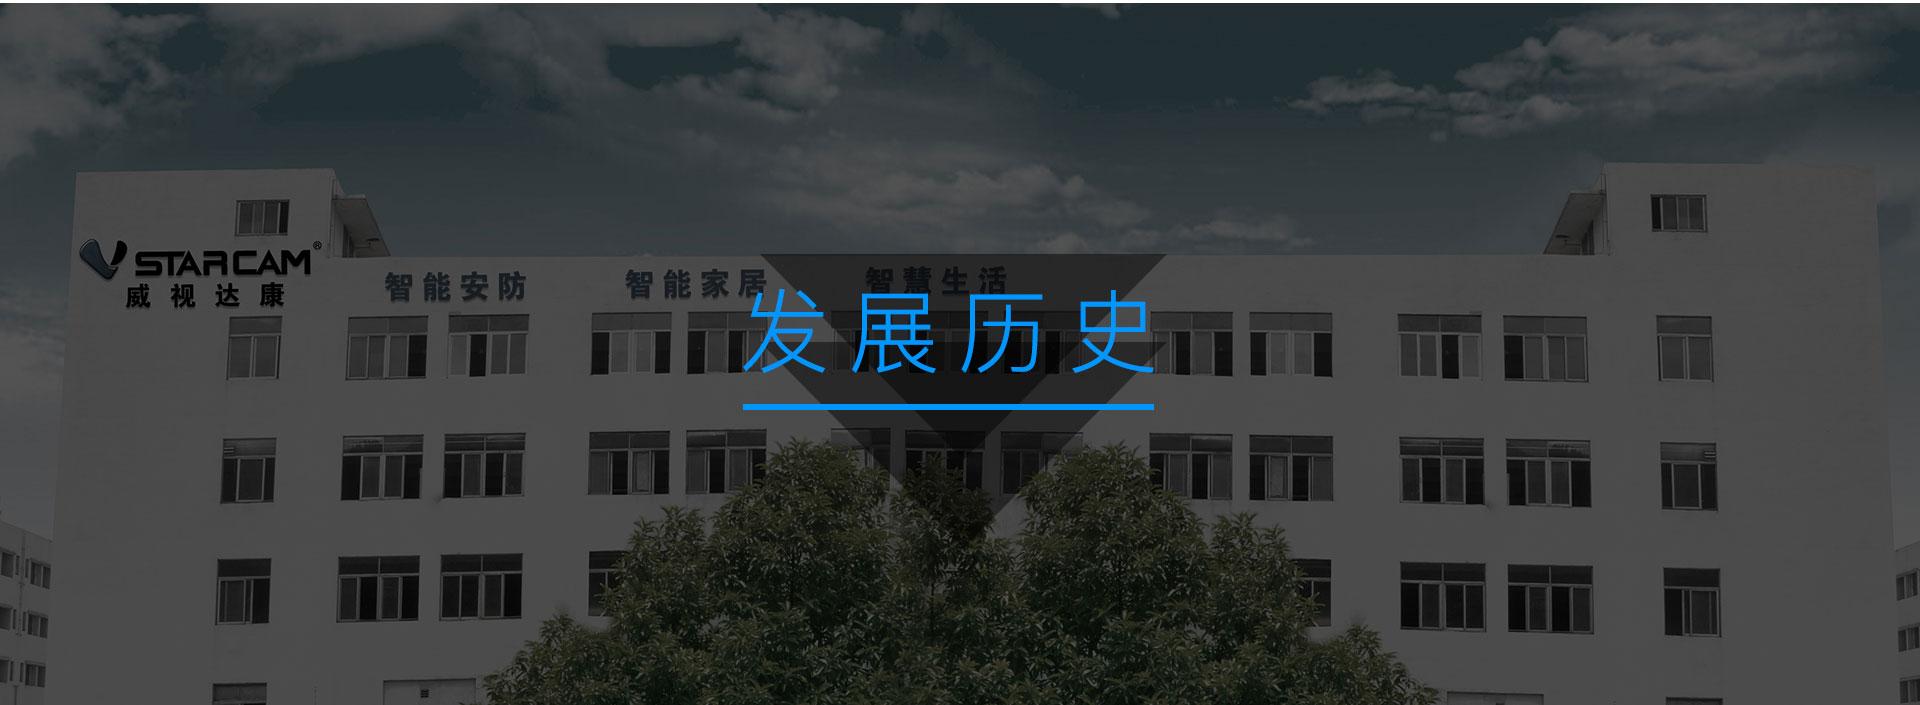 威视达康公司简介